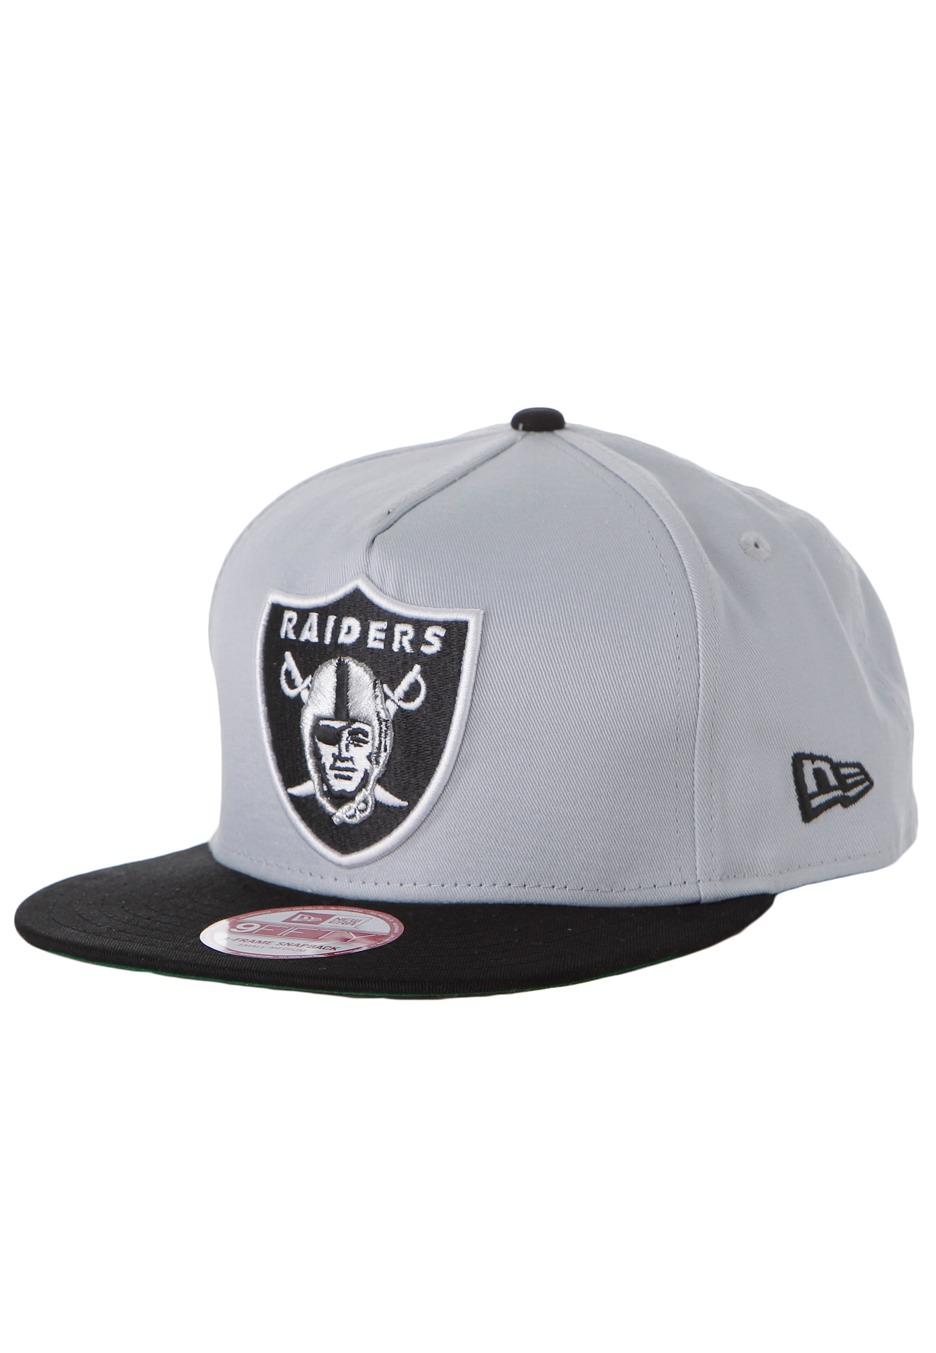 800b977a637 New Era - Team Flip 2 Oakland Raiders Grey Black - Cap - Streetwear Shop -  Impericon.com AU